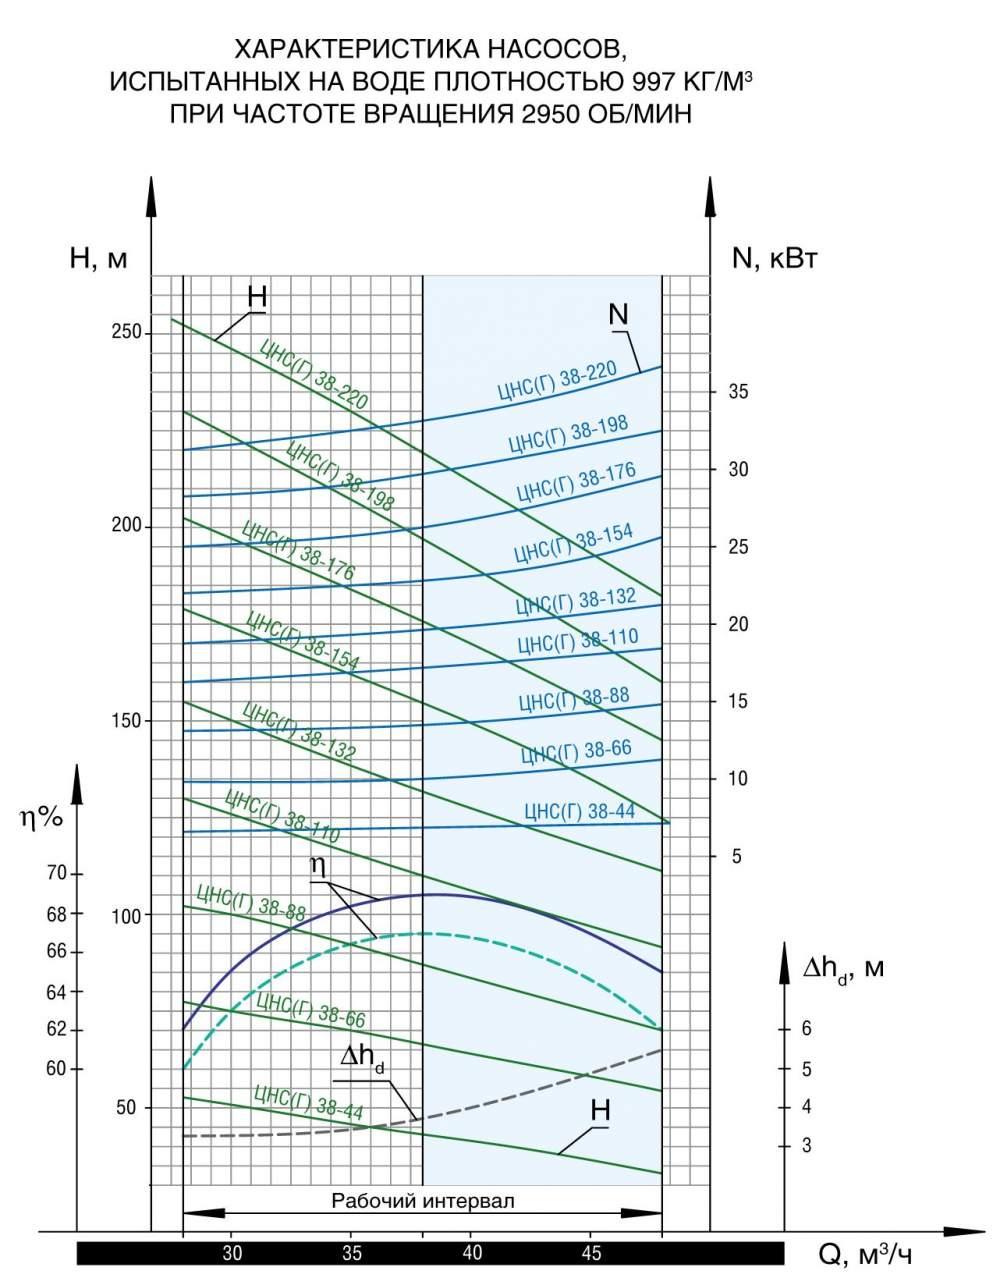 Напорная характеристика насоса ЦНС(Г) 38-44